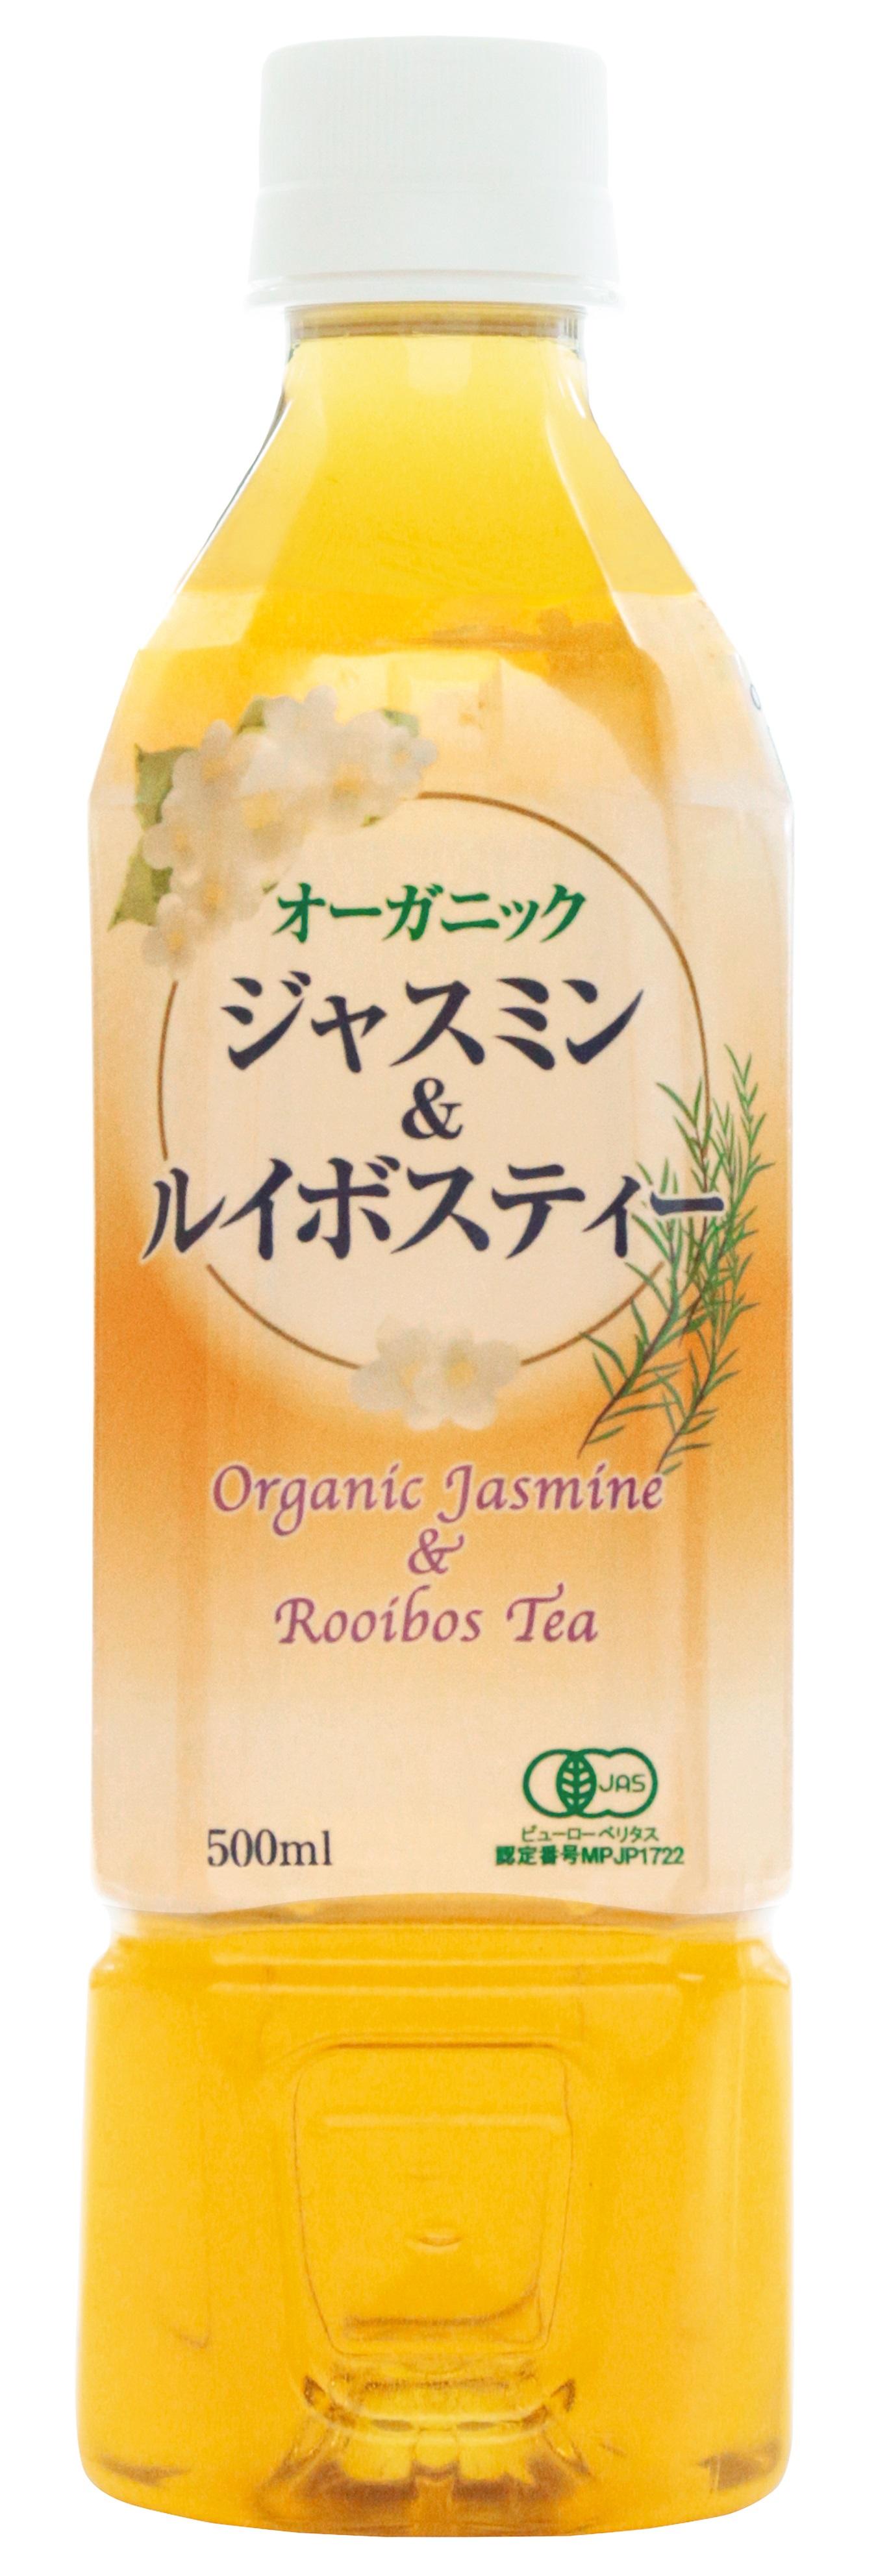 organic_jasminrooibos